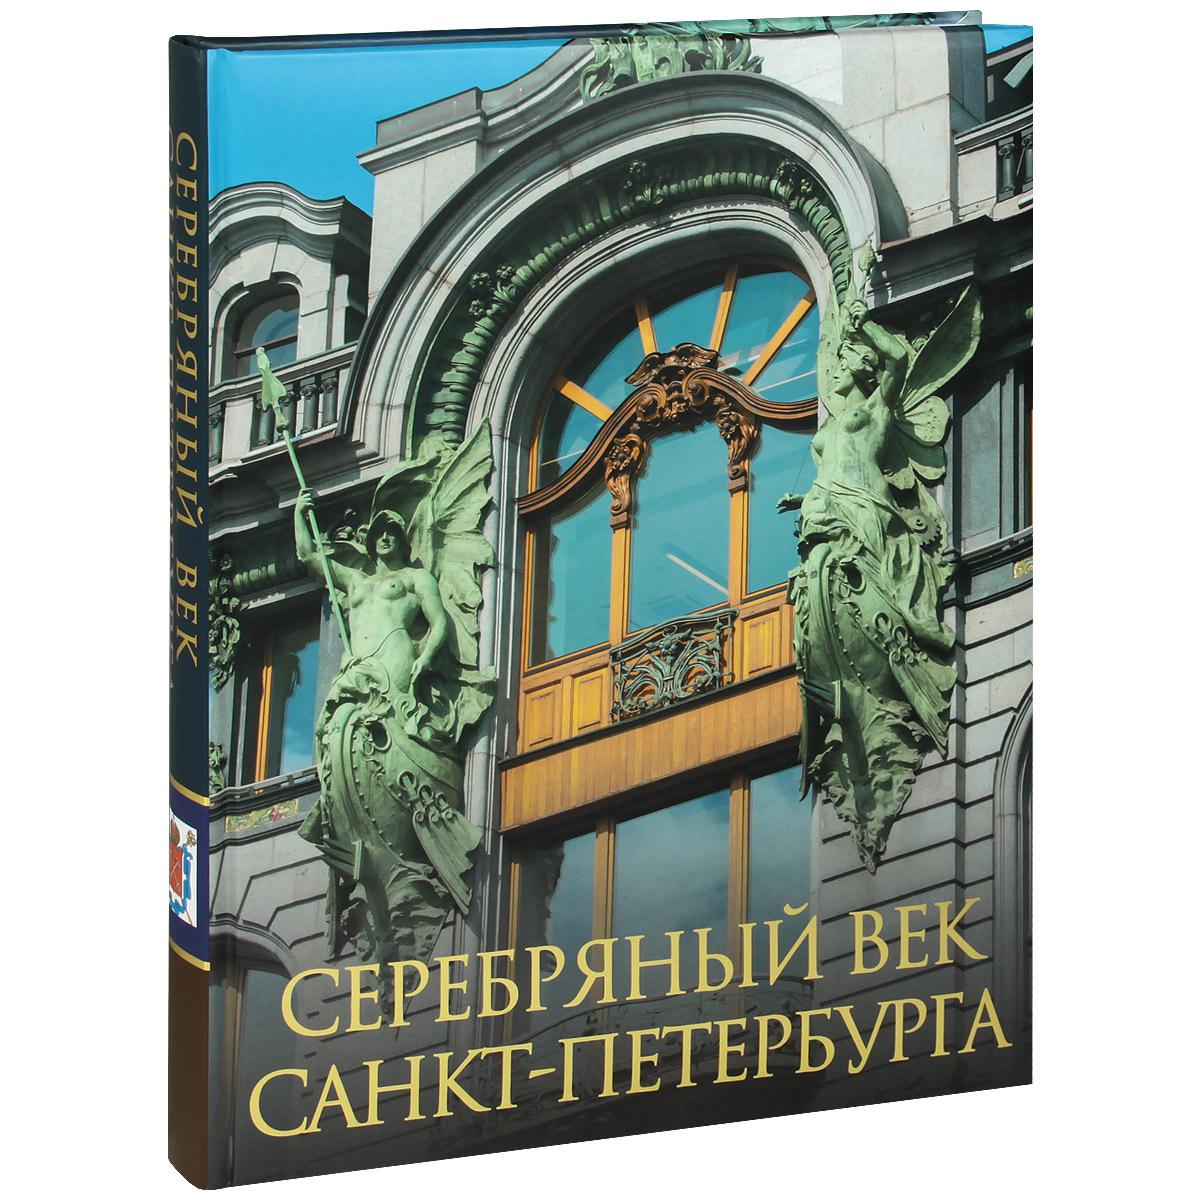 Серебряный век Санкт-Петербурга ( 978-5-373-05370-9 )